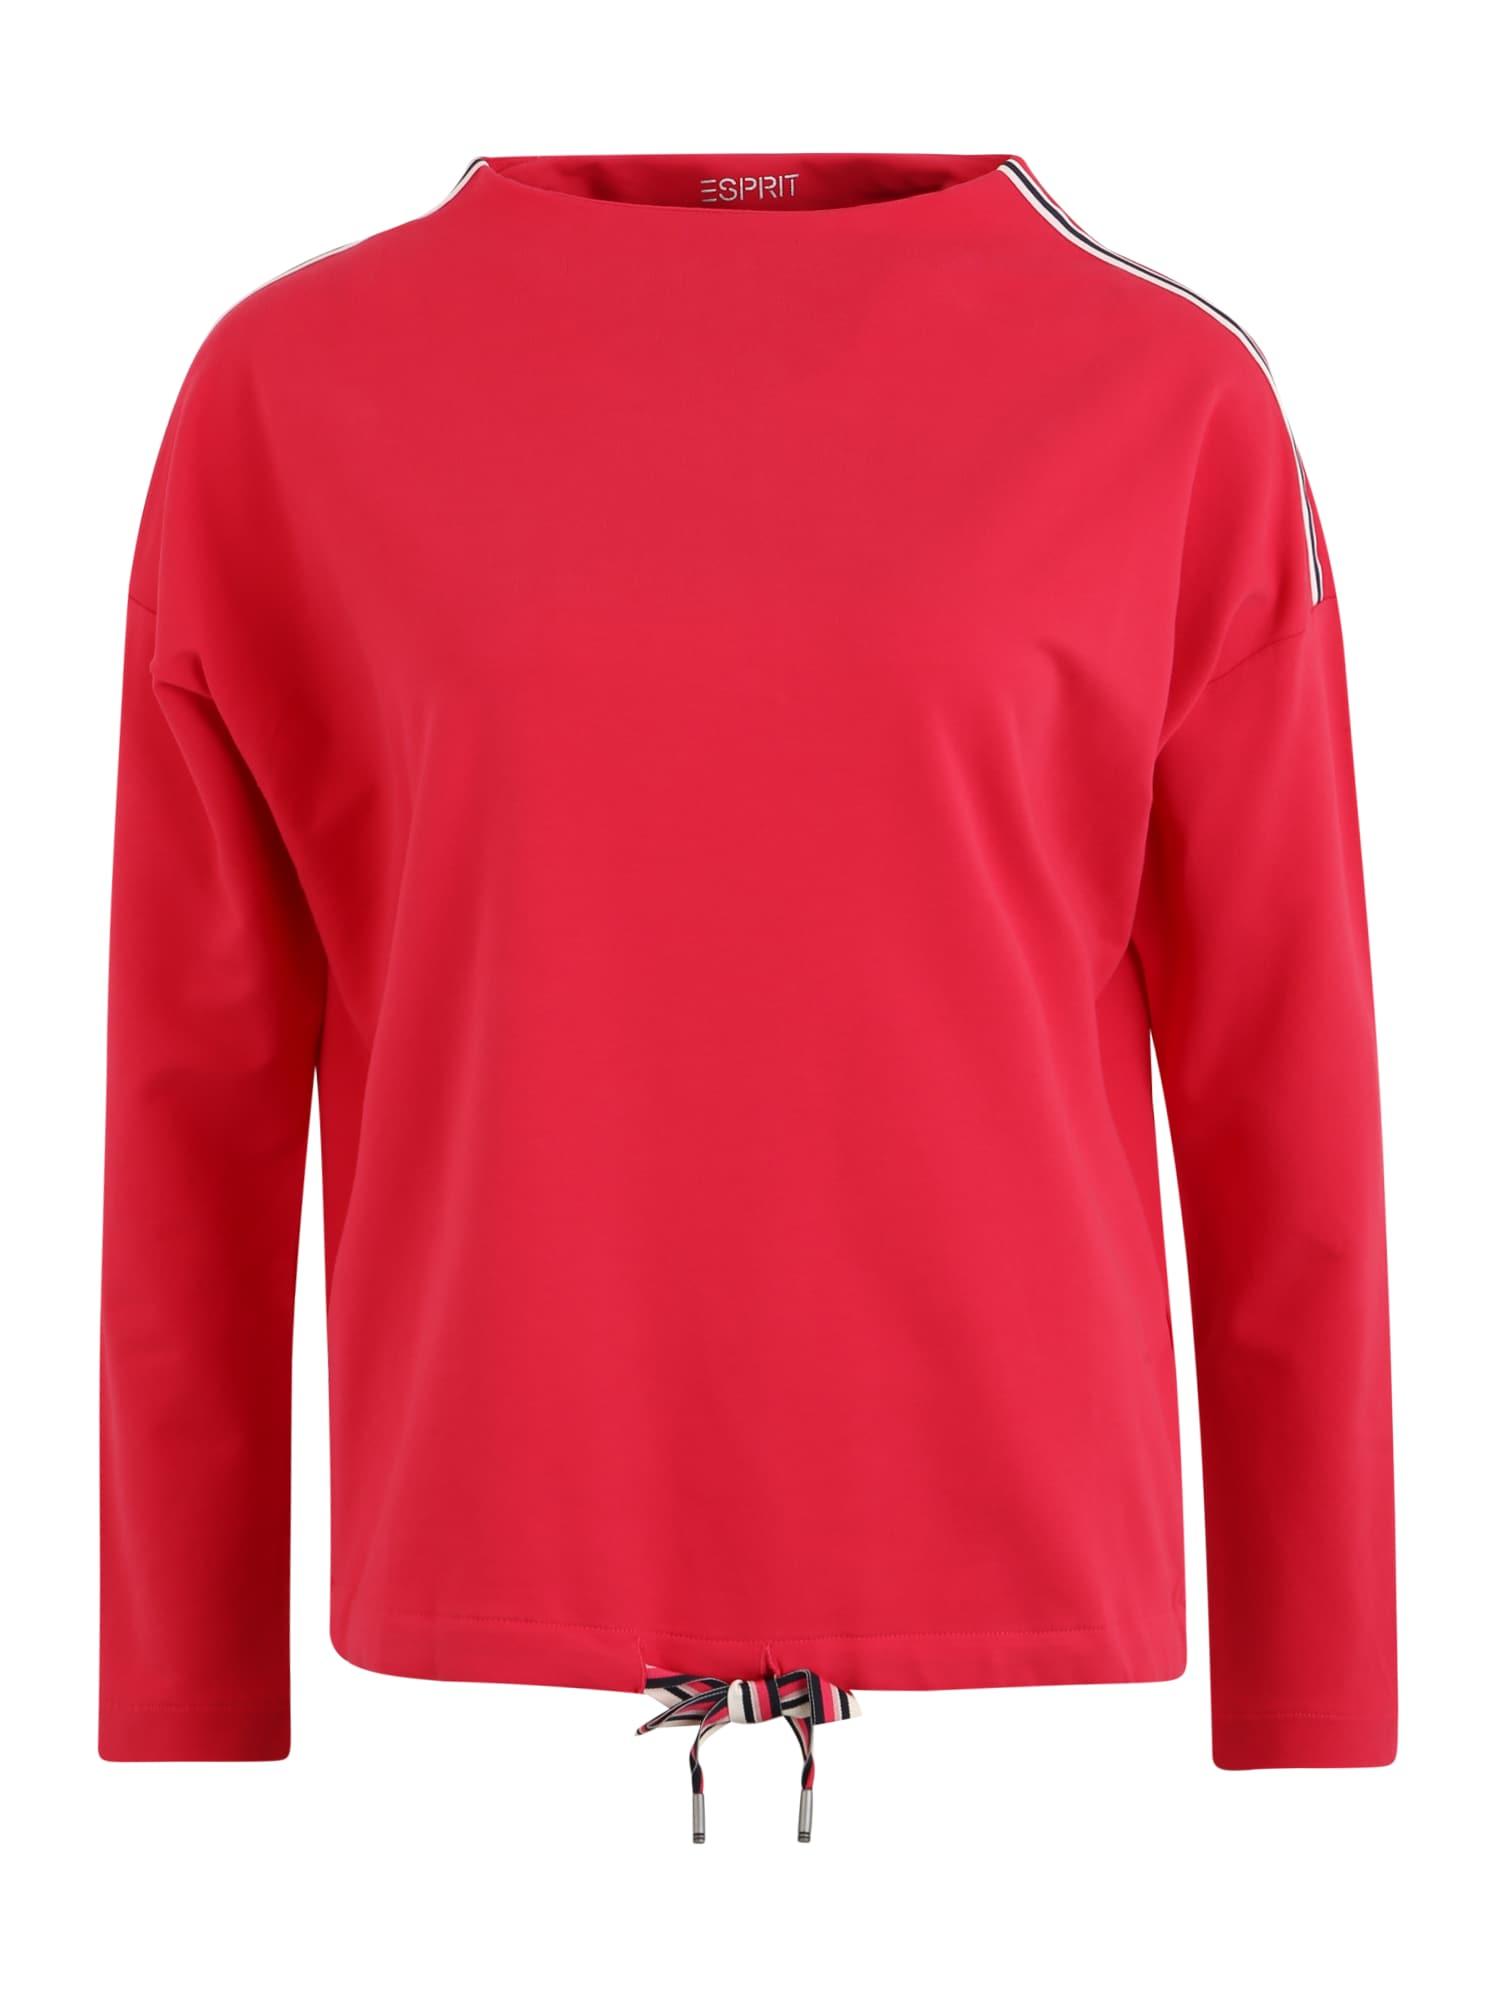 ESPRIT SPORTS Sportinio tipo megztinis uogų spalva